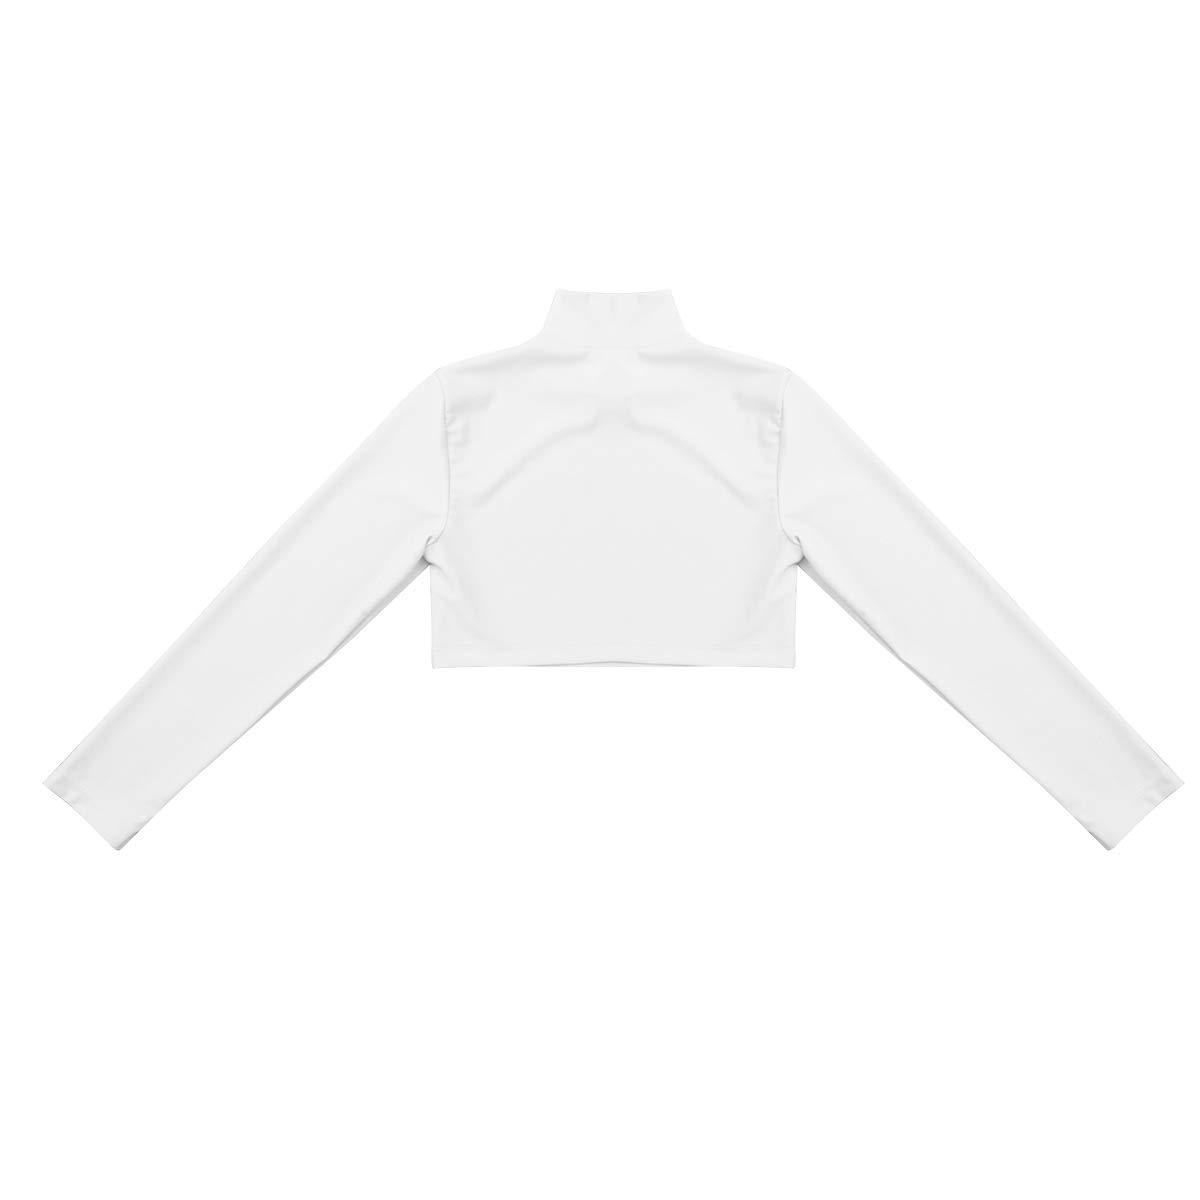 9fda8818e9a79 inhzoy Enfant Fille T-Shirt Manche Longue Gilet Blouse Haut Danse Ballet  Gymnastique Court Veste Top Sport Dancewear Été 6-14 Ans